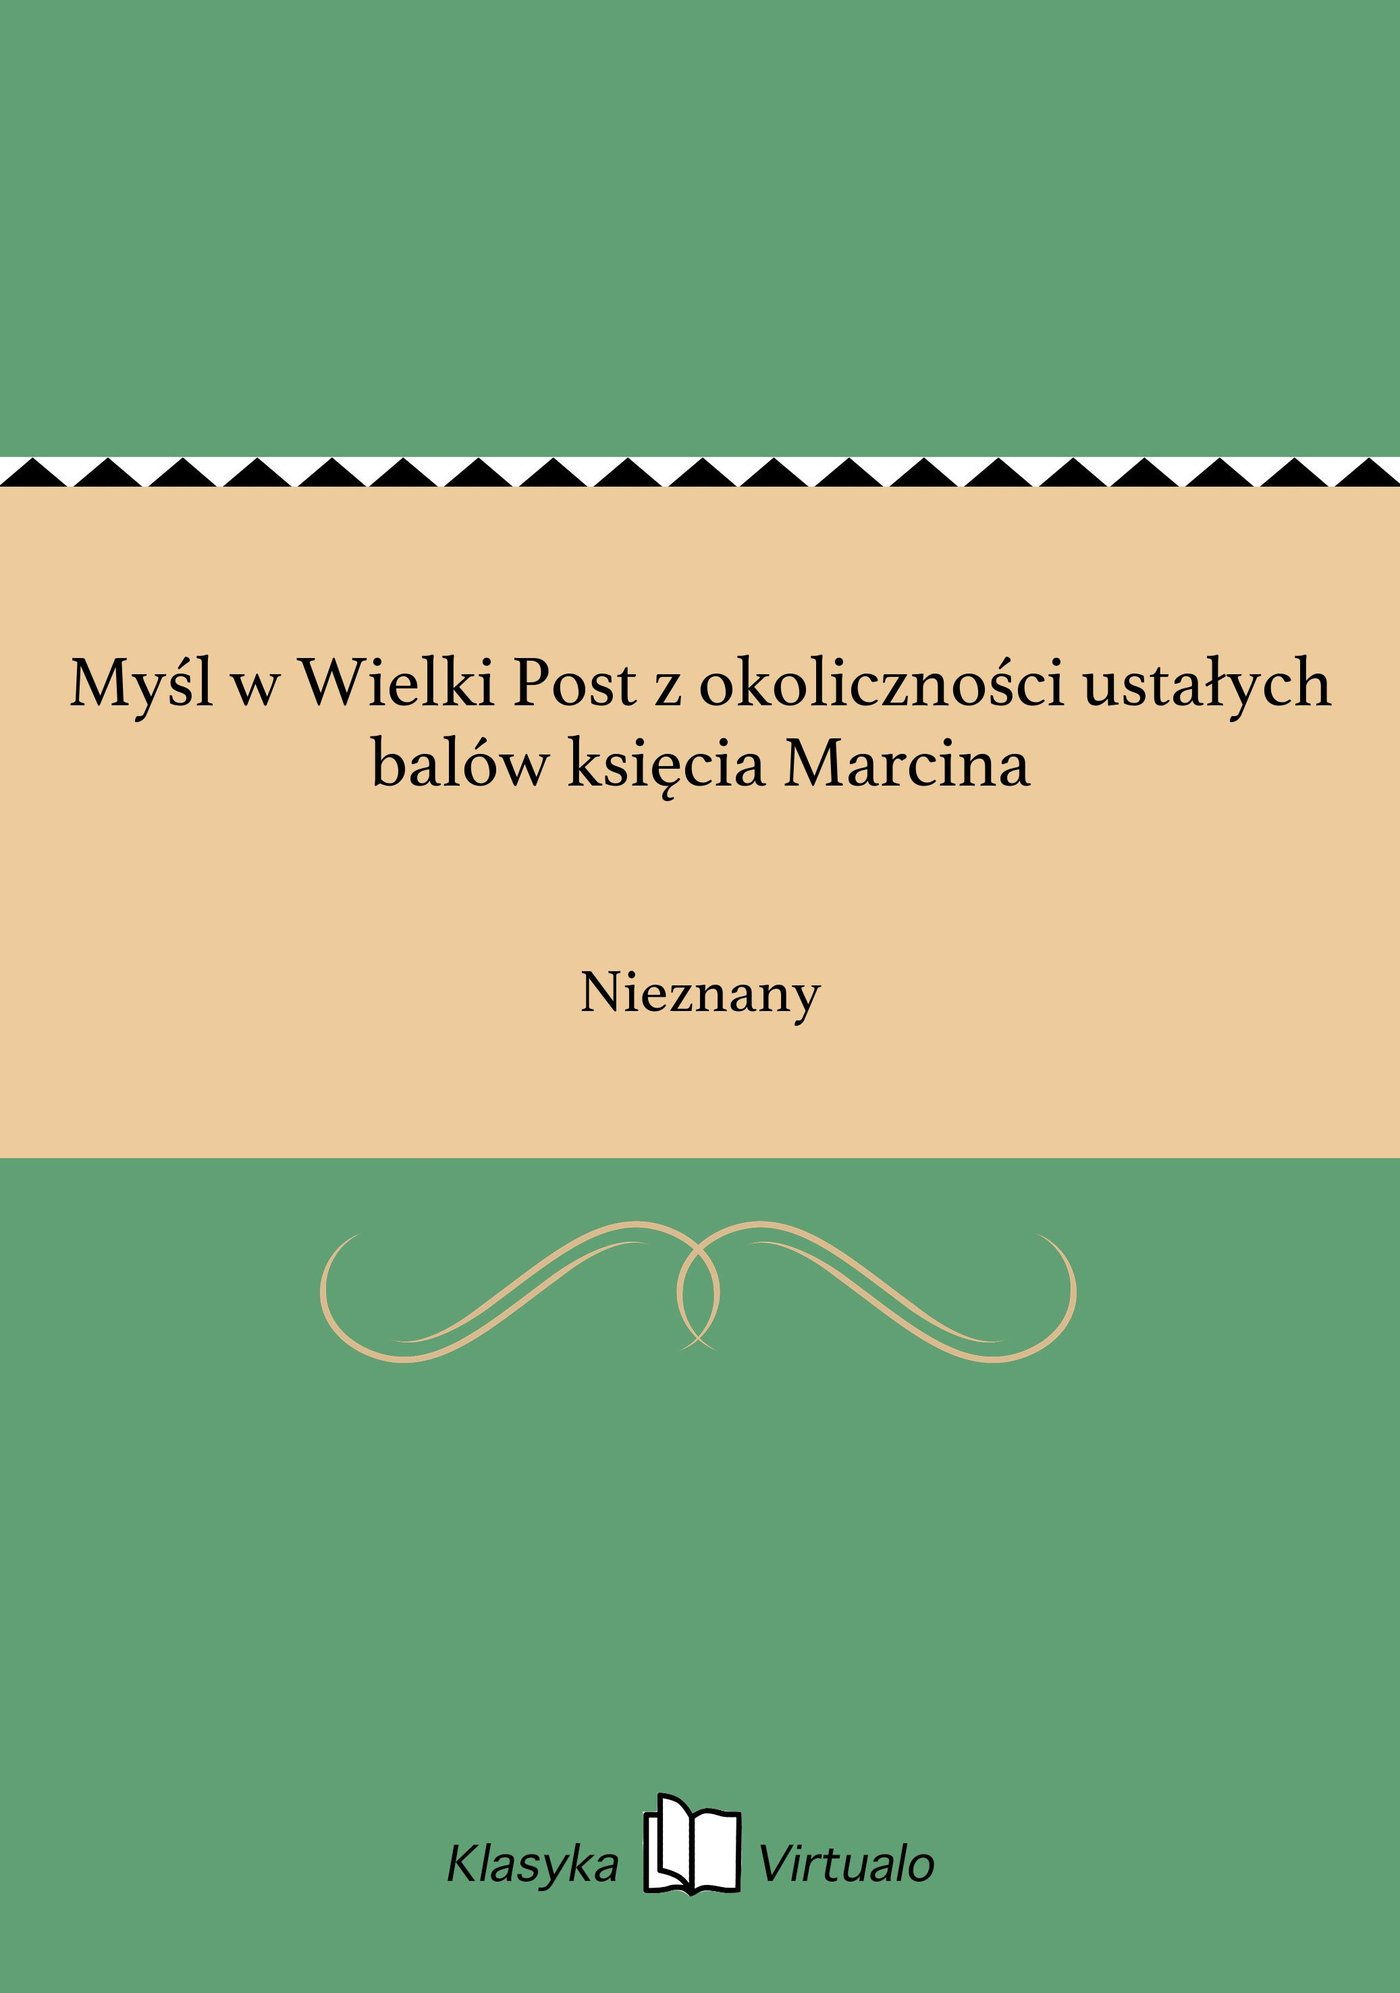 Myśl w Wielki Post z okoliczności ustałych balów księcia Marcina - Ebook (Książka EPUB) do pobrania w formacie EPUB